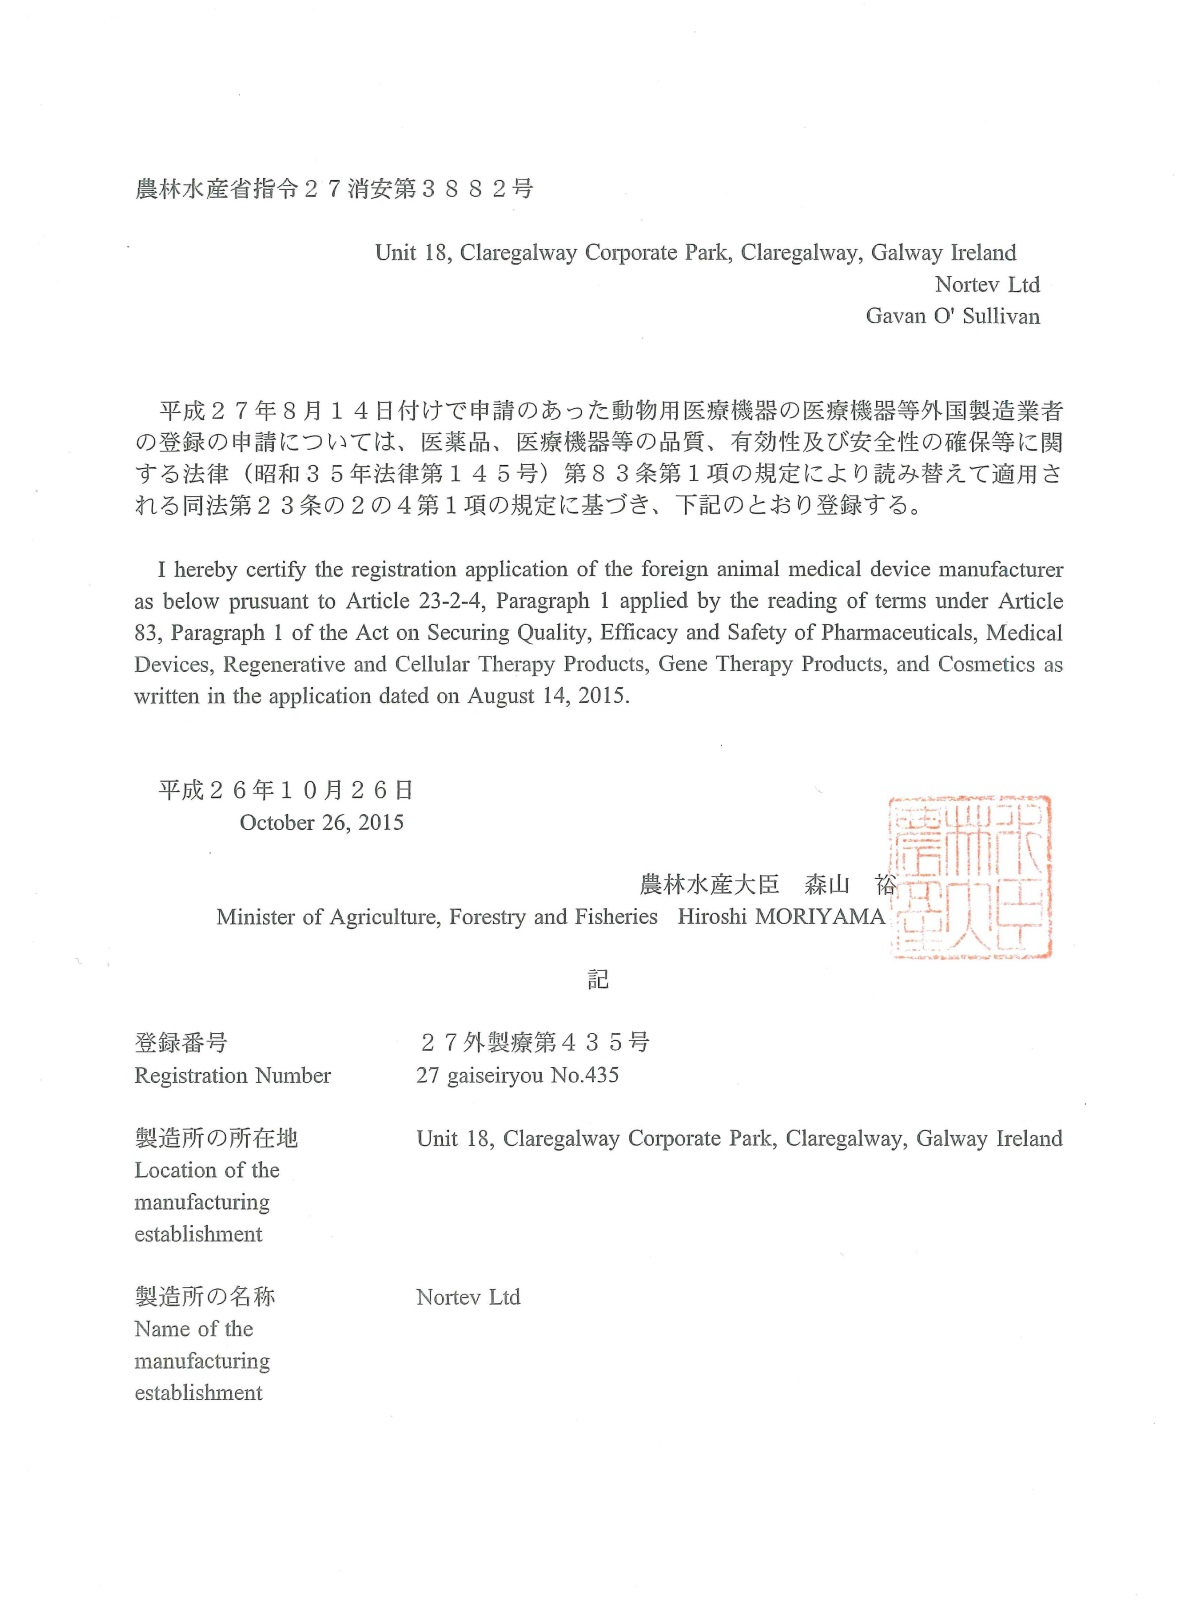 農林水産省指令27消安第3882号